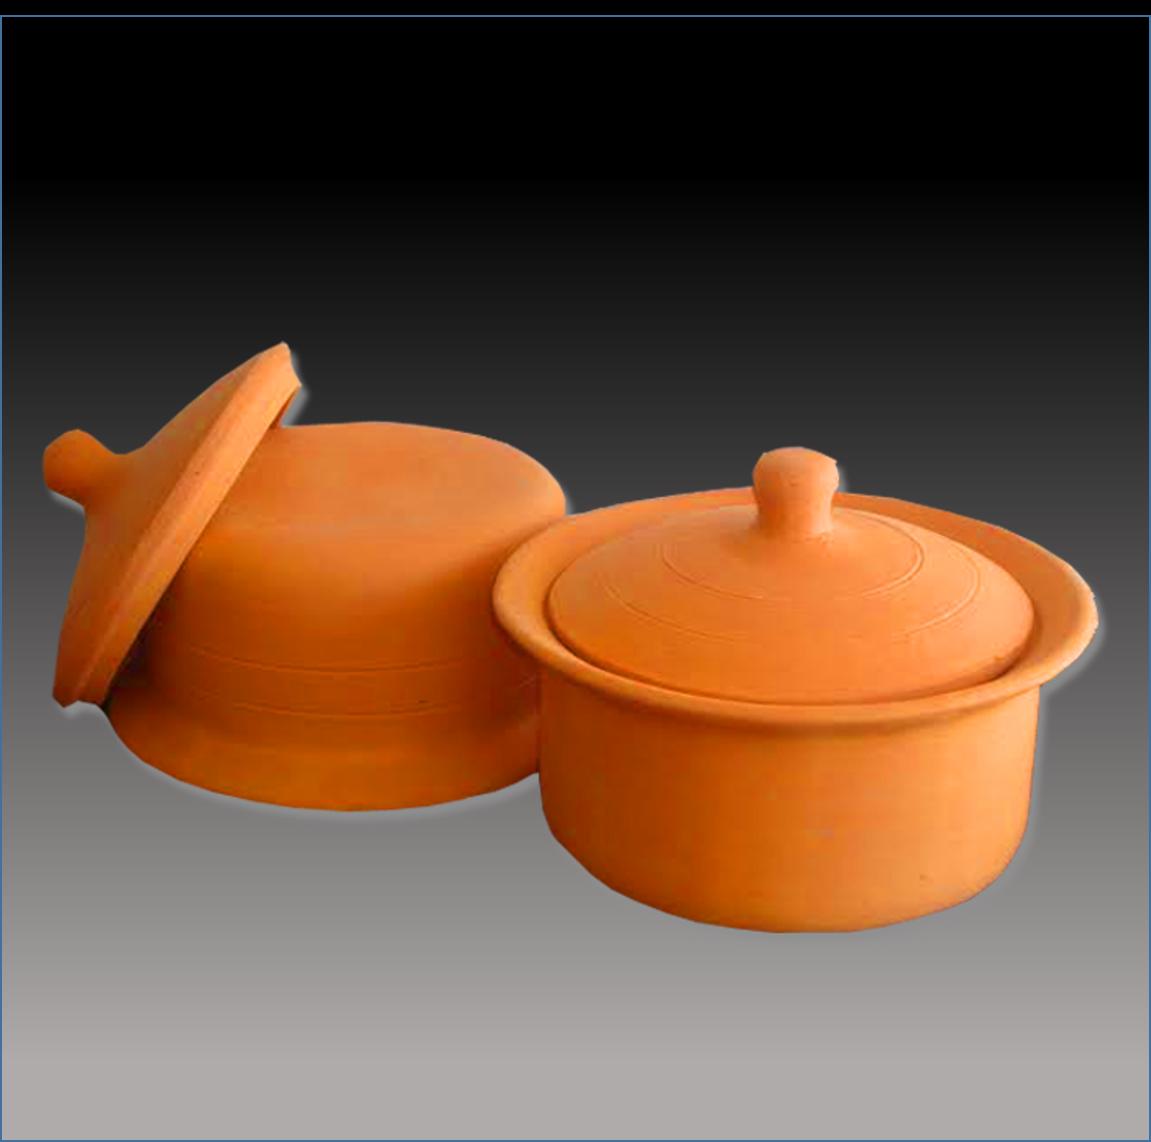 clay pot yogurt maker Best Yogurt Maker & More Set of 2 (2/2 gallon each)